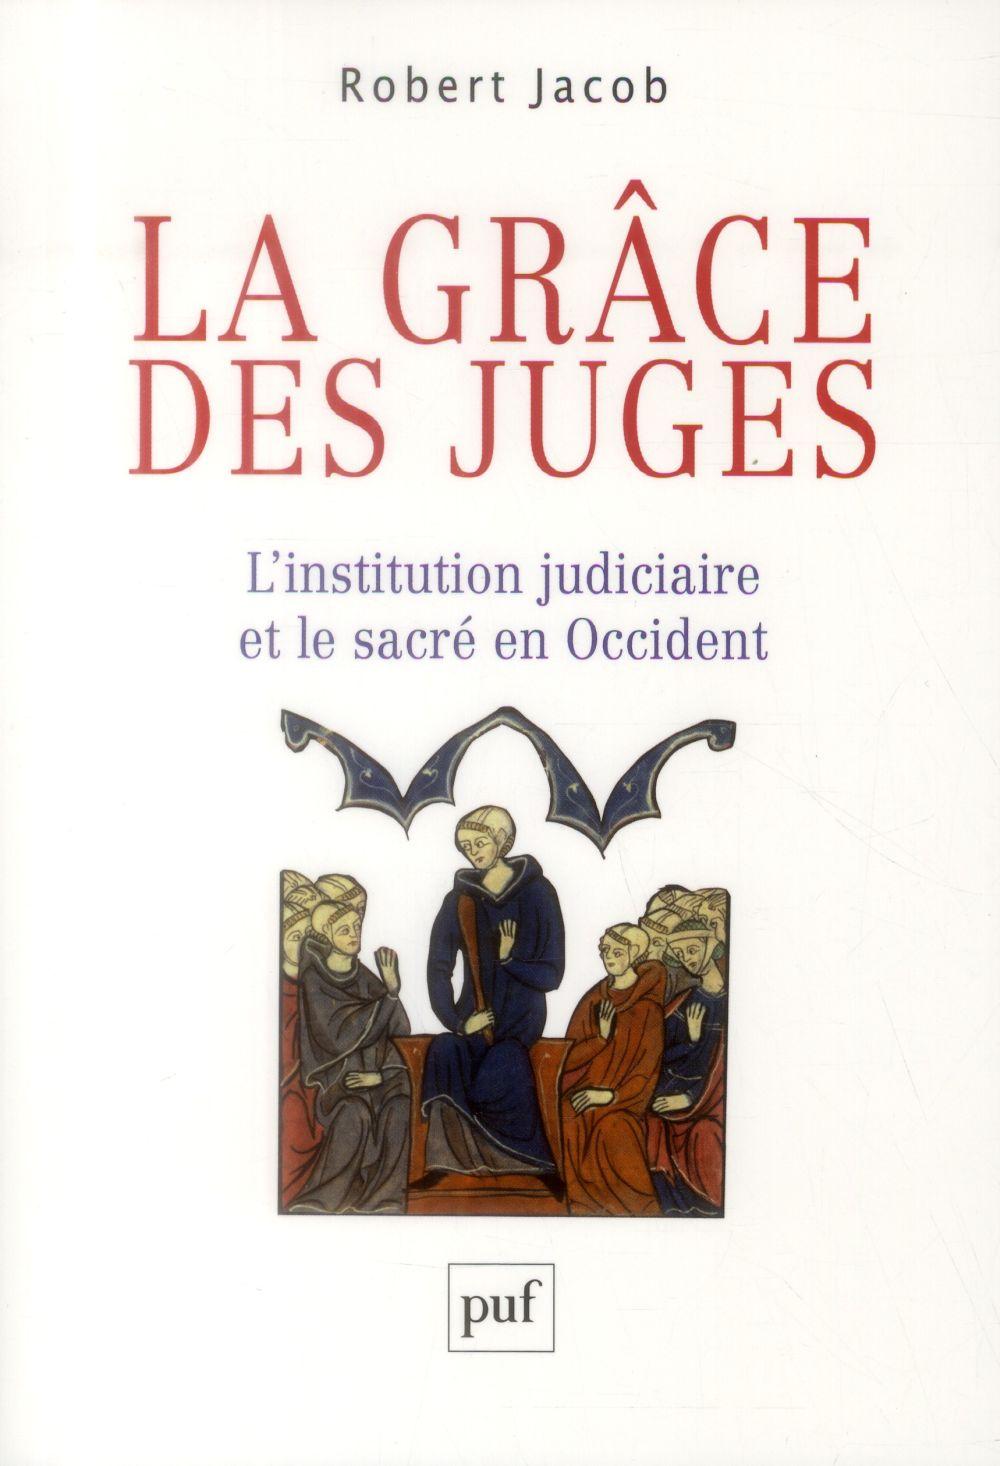 La grâce des juges ; l'institution judiciaire et le sacré en Occident